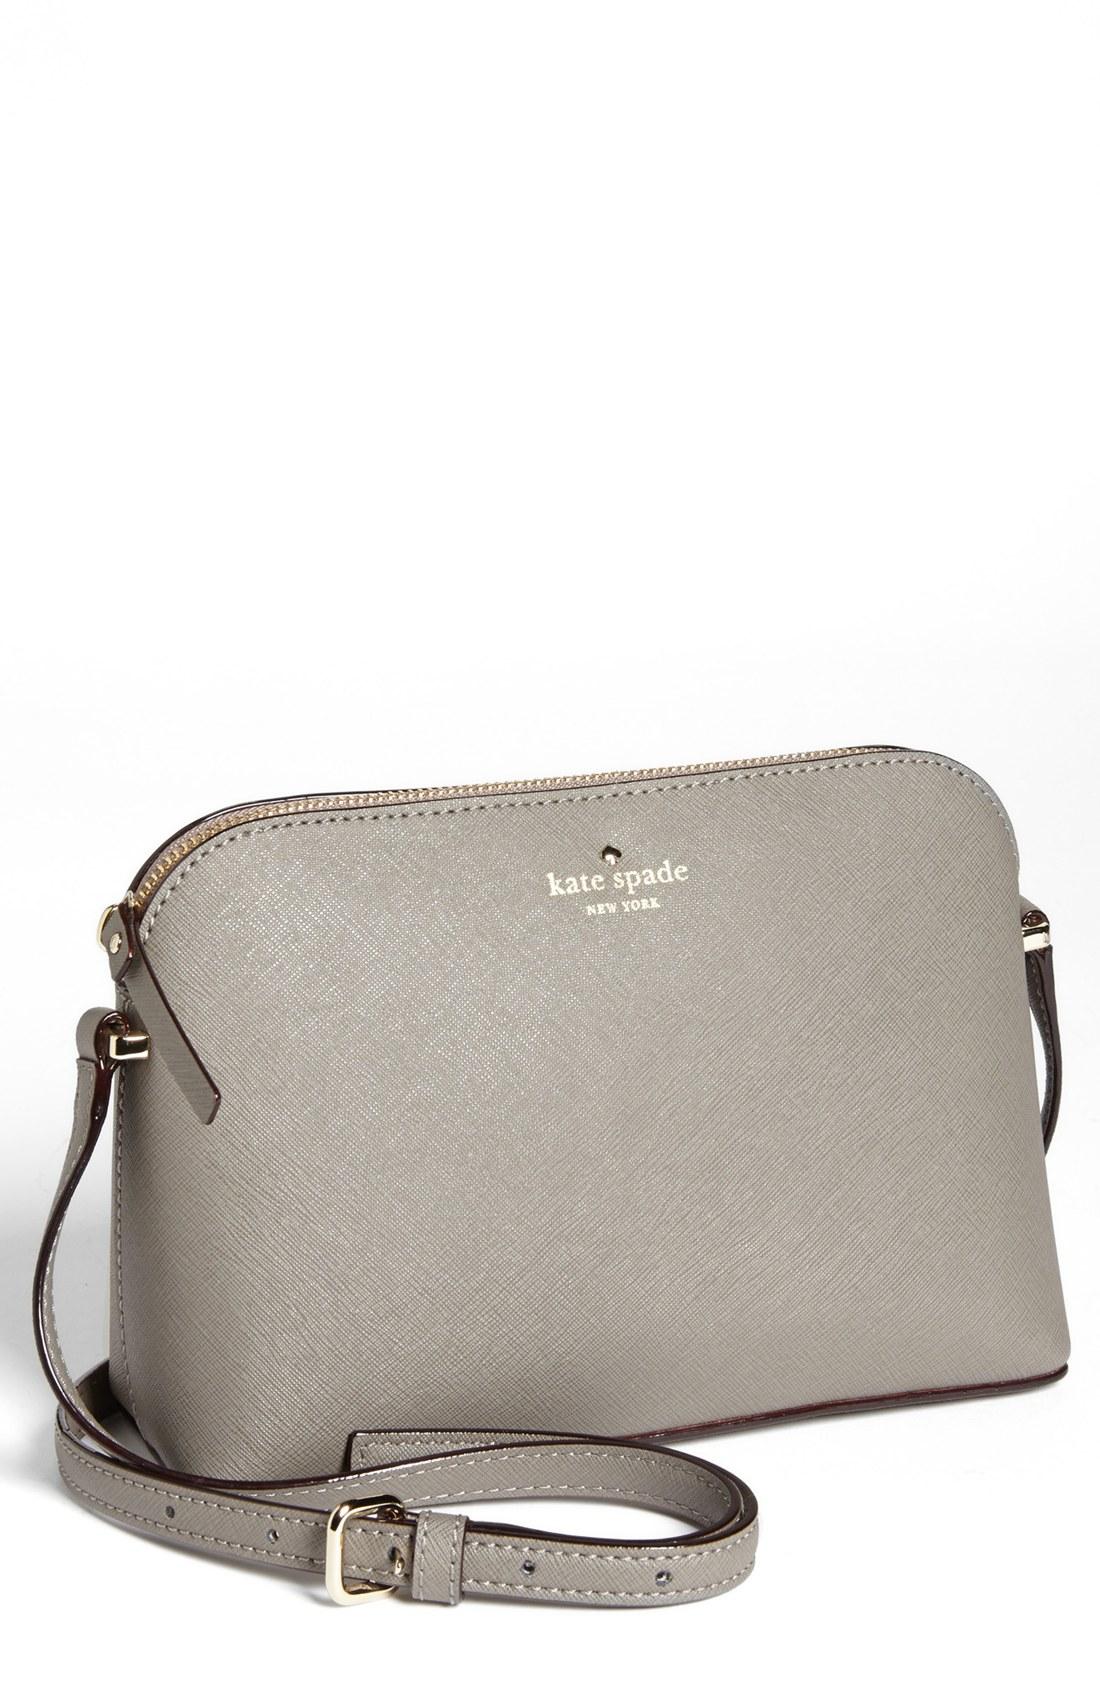 c9daffd346af Kate Spade Grey Handbag Best 2018. Cedar Street Mandy Shoulder Bag. Kate  Spade New York ...